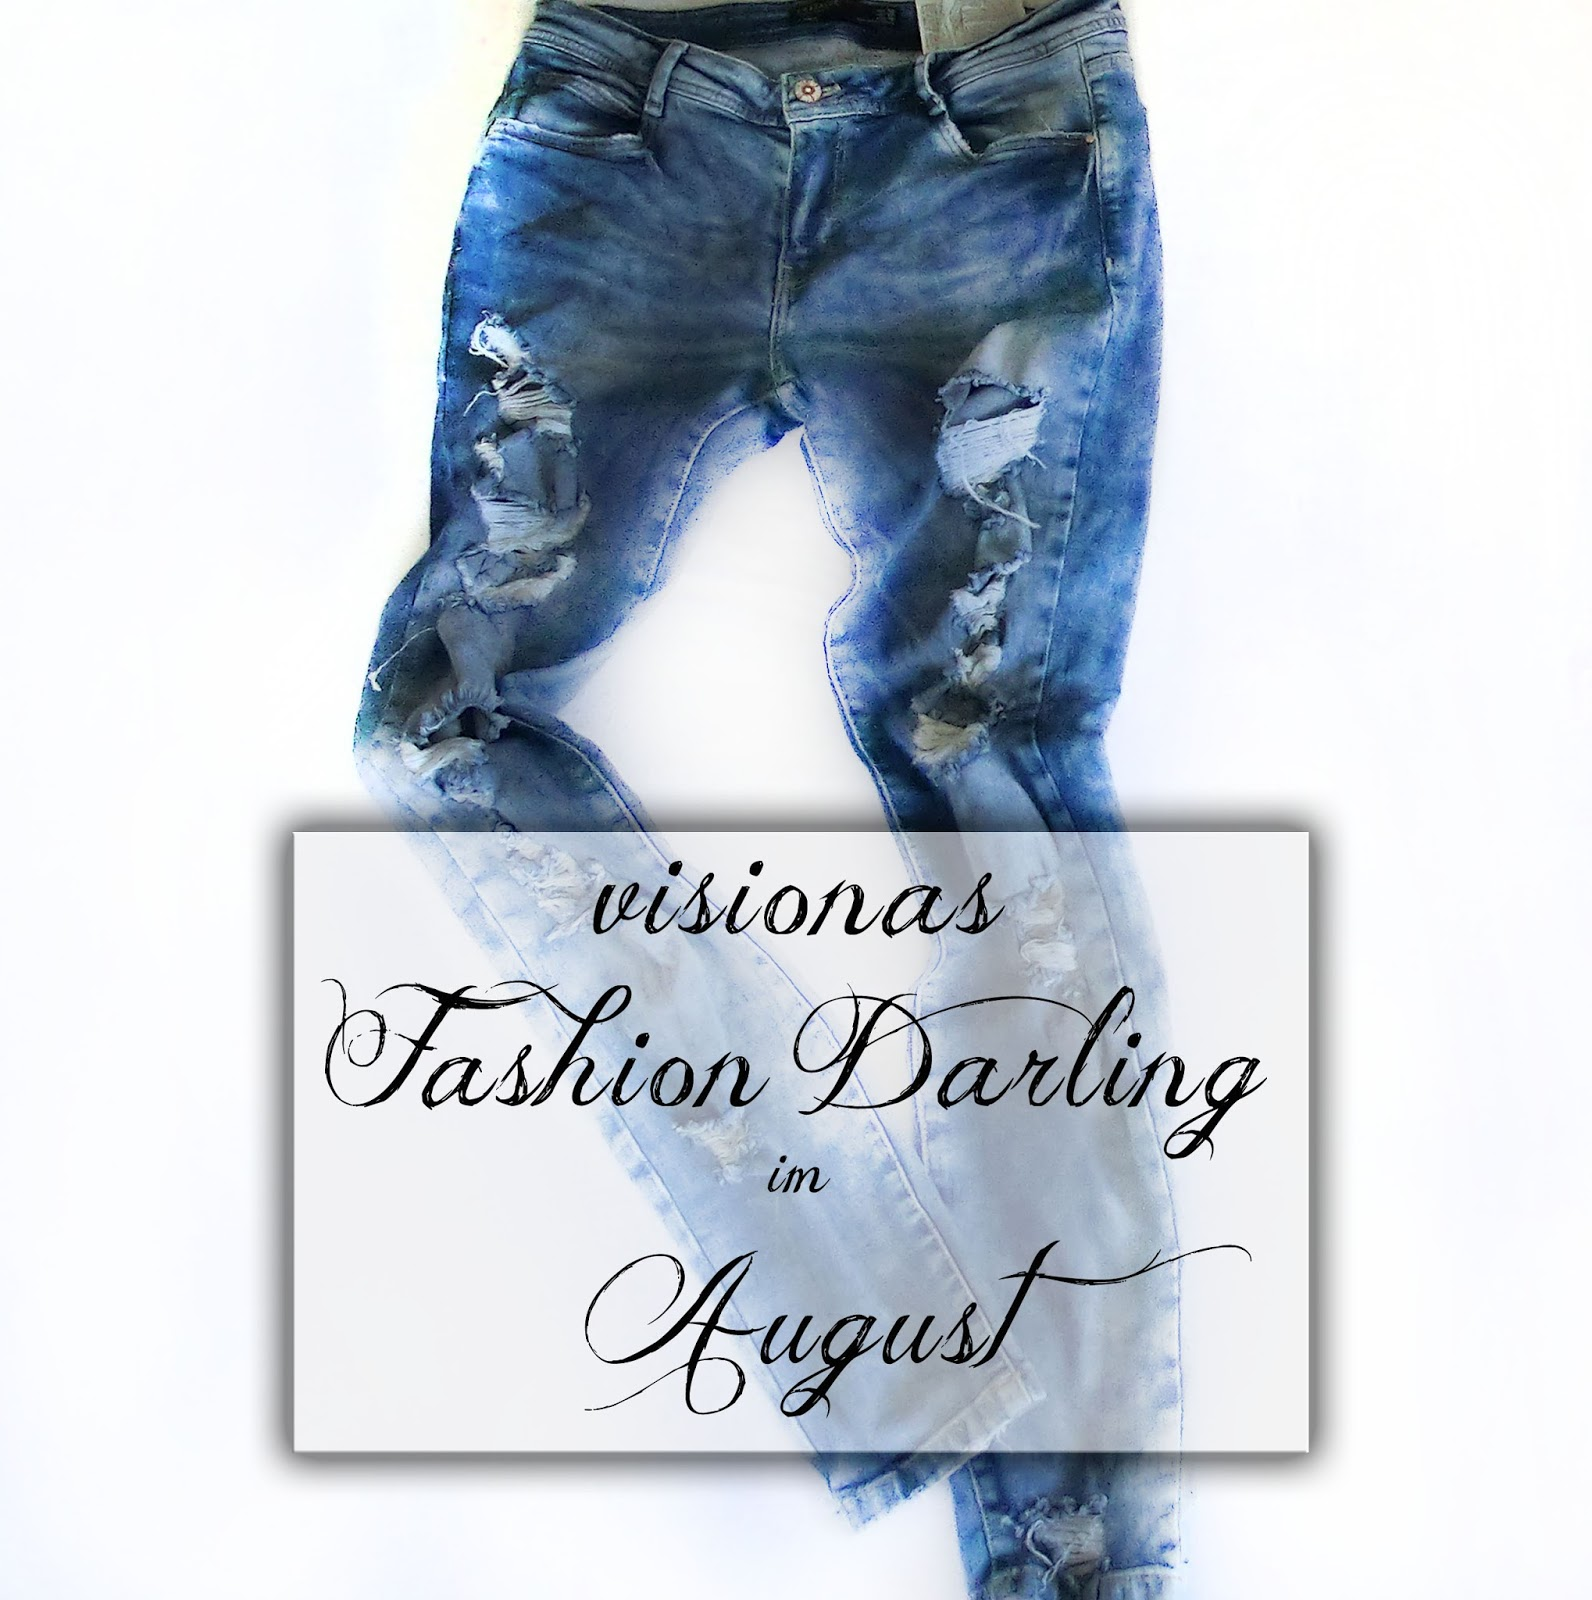 e0251de00397 Die Ripped oder Destroyed Jeans kam diesen Sommer ganz groß raus. Je größer  die Löcher sind, umso stylisher ist die Jeans. Für mich war die Zara Jeans,  ...